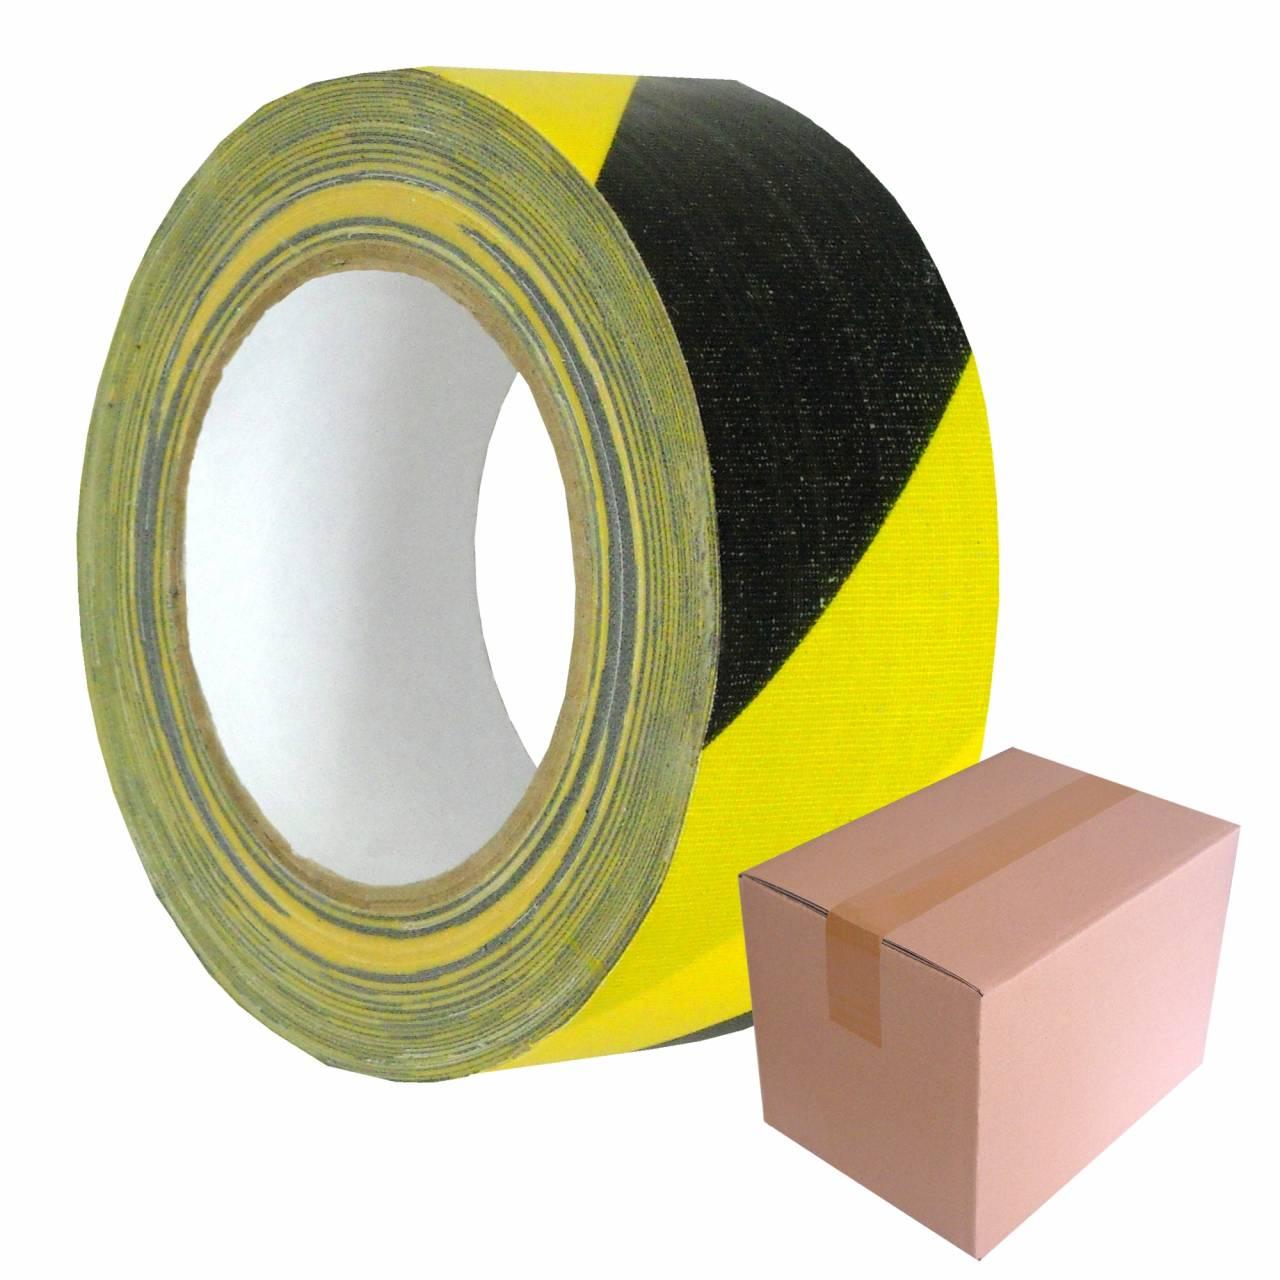 Gewebe-Warnband T506 schwarz-gelb 50 mm x 25 m / Krt a 24 Rollen